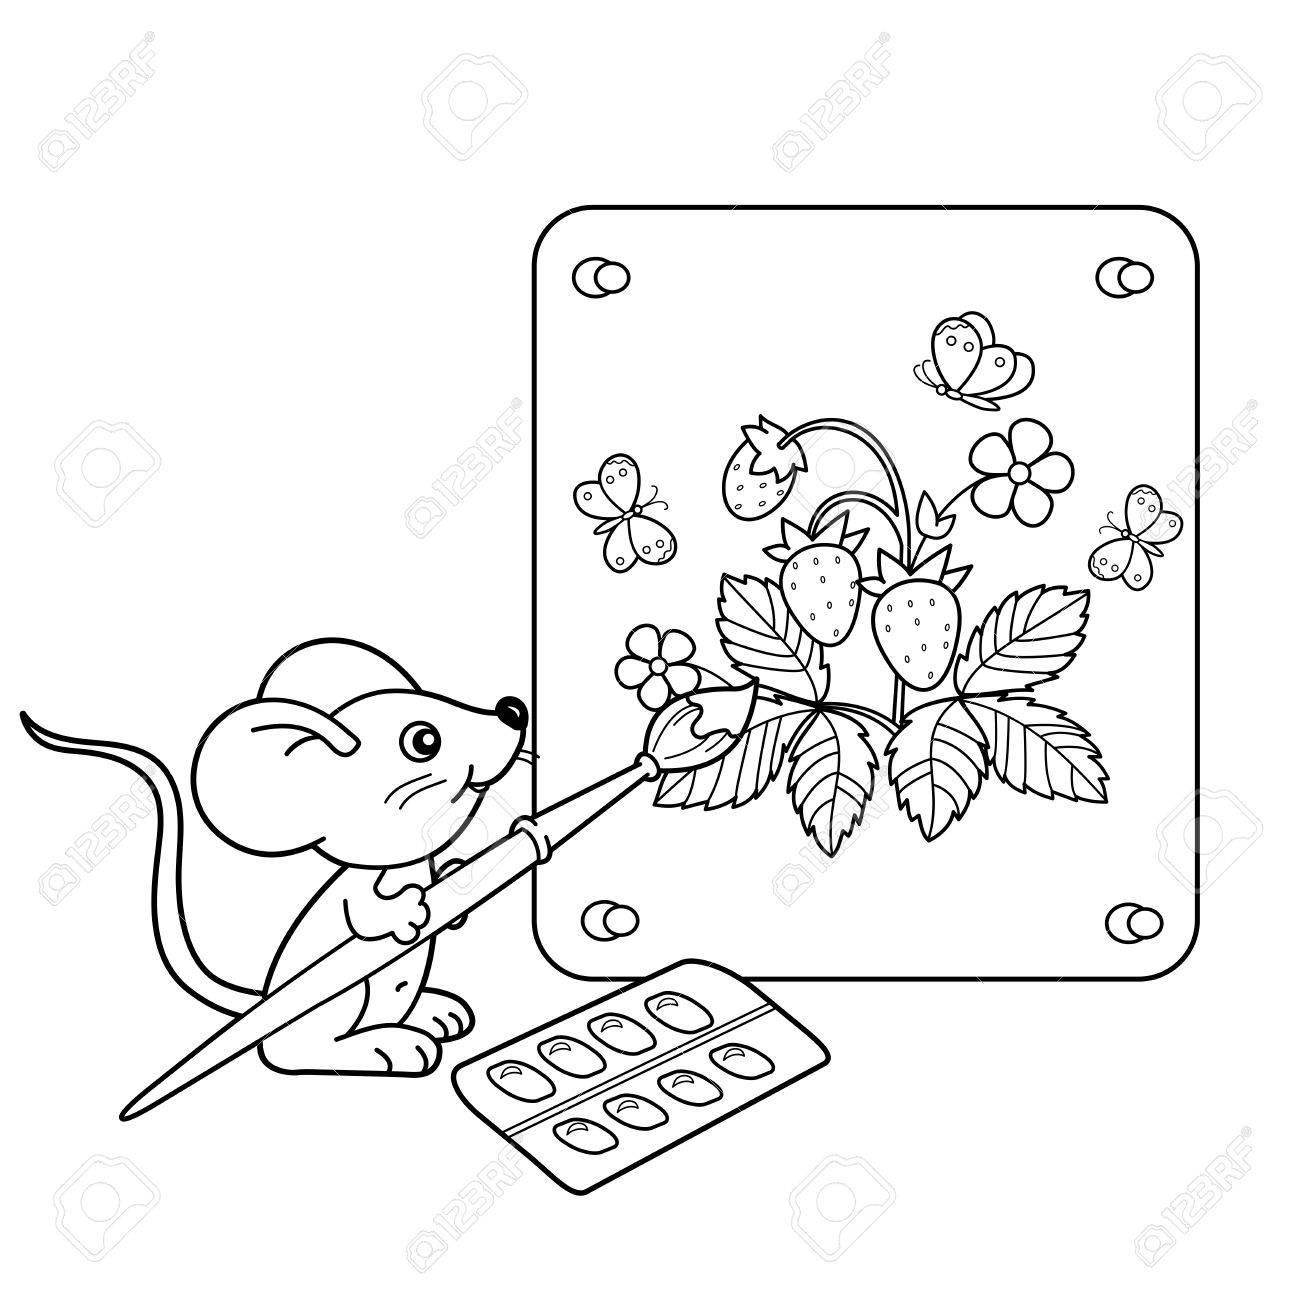 Coloring Seite Umriss Cartoon Kleine Maus Mit Dem Bild Der Erdbeere ...